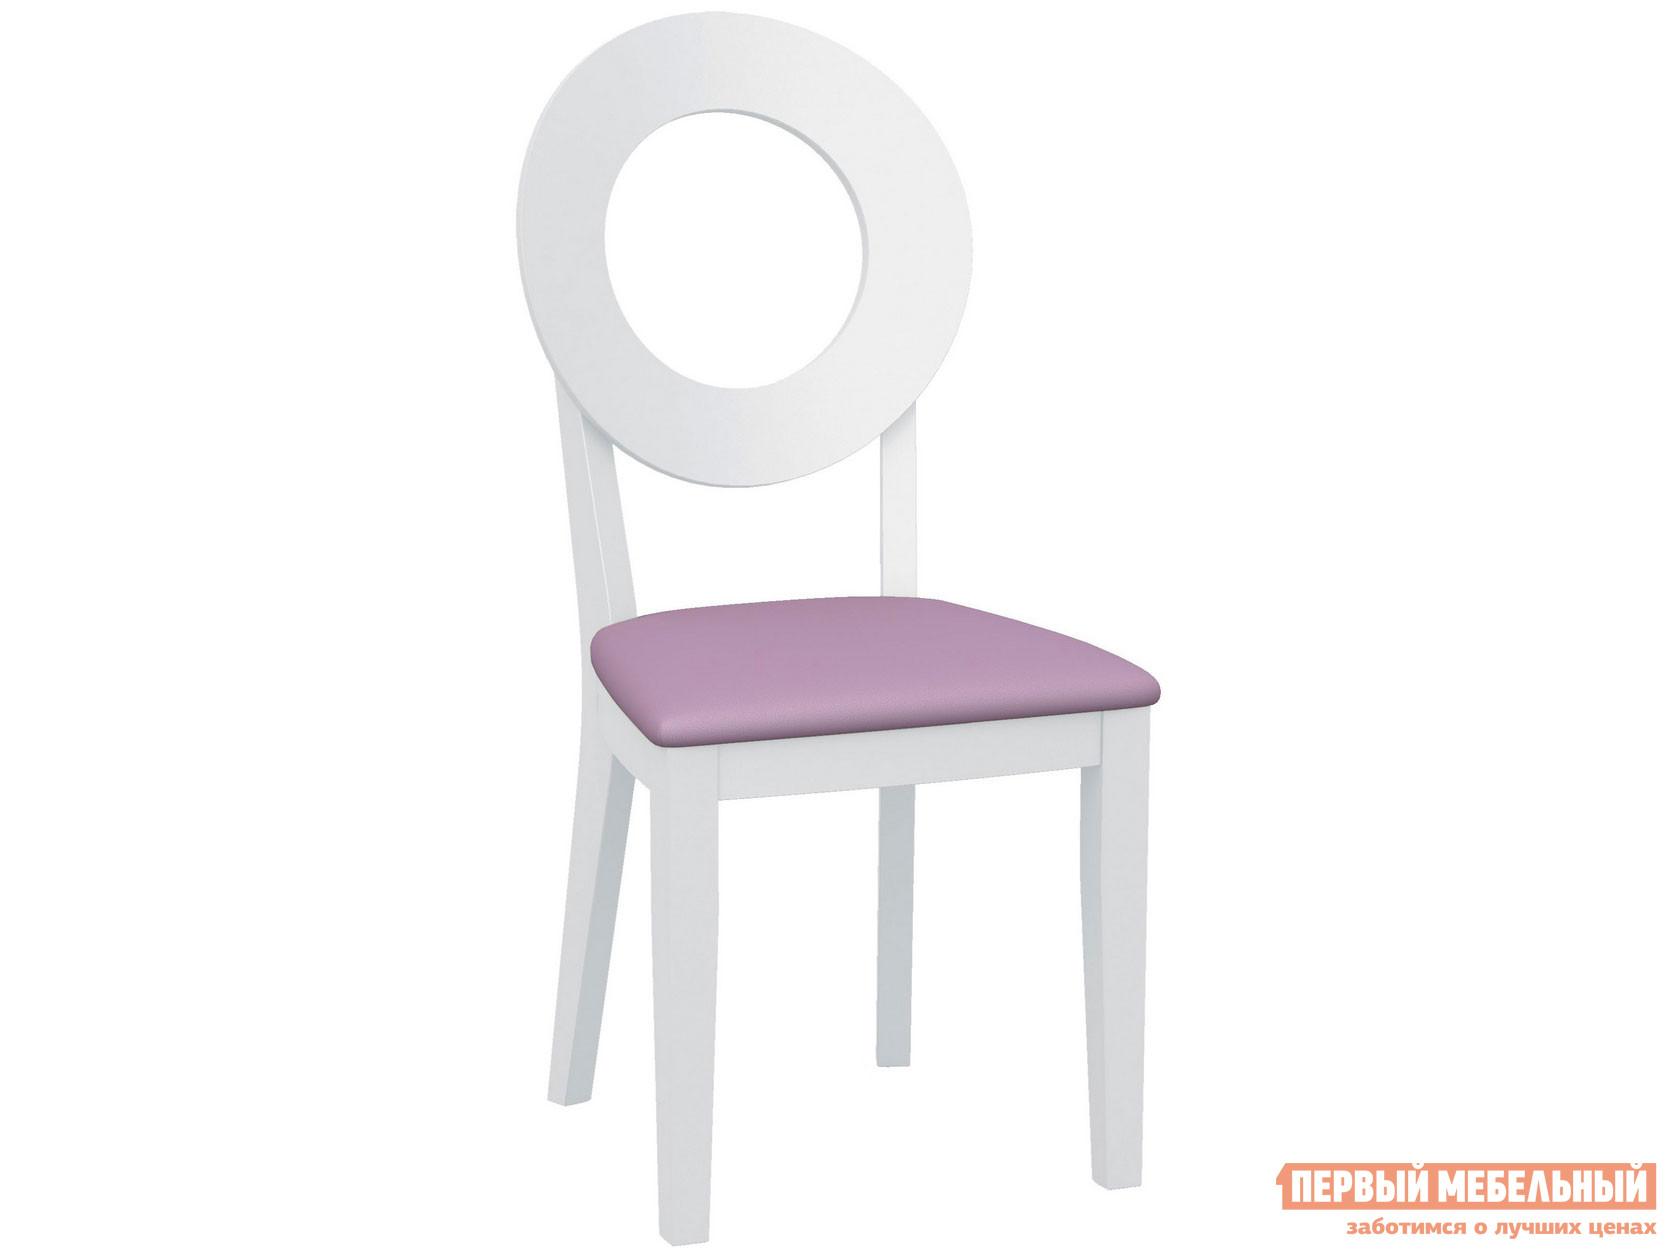 Фото - Стул Линоторг Стул Коломбо 2 с жесткой спинкой стул линоторг стул кабриоль жесткий